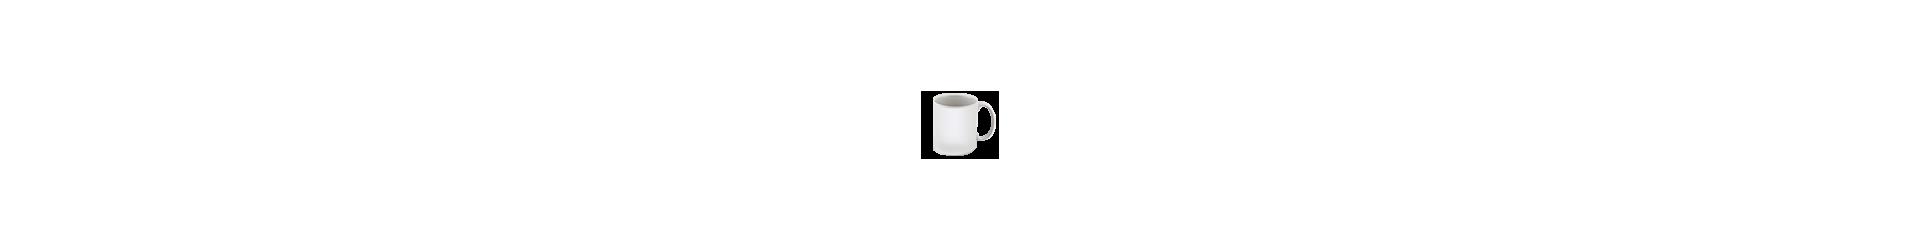 Votre mug panoramique